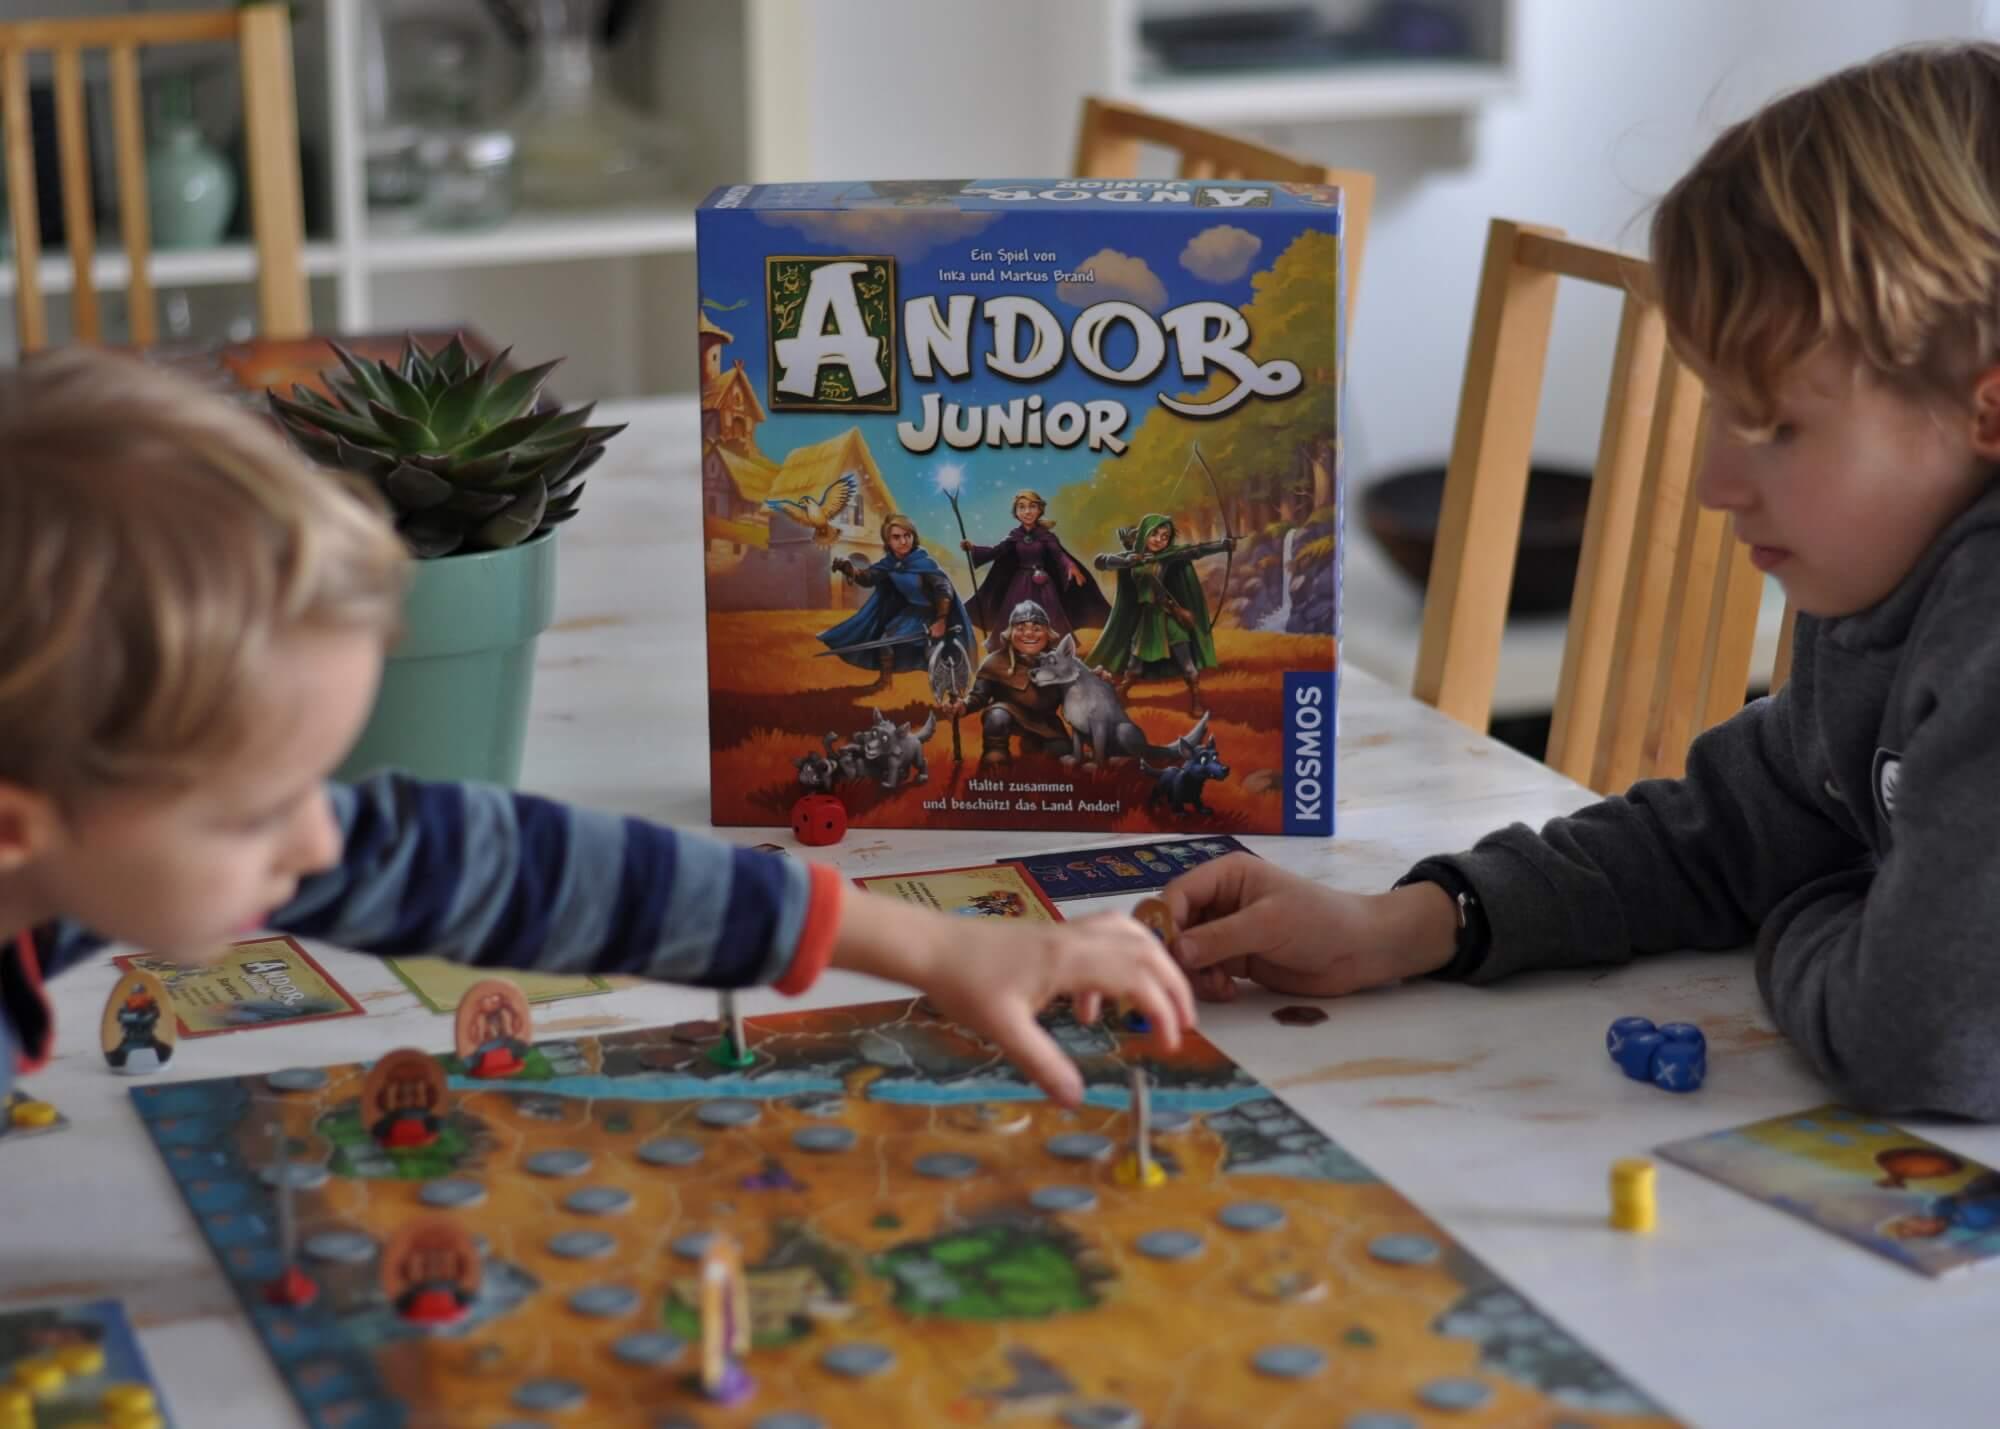 Die Wolfsjungen haben sich in den Bergen verirrt und stecken in einer Höhle fest. Zum Glück gibt es die mutigen Helden von Andor, die sich auf den Weg machen und dabei nicht nur in einen Wald voller Gefahren wagen, sondern auch eine Aufgabe vom Brückenwärter meistern müssen. Nur gemeinsam kann man gewinnen. #spiel #fantasy #andor #junior #spielen #familie #grundschule #kooperativ #helden #zwerg #magier